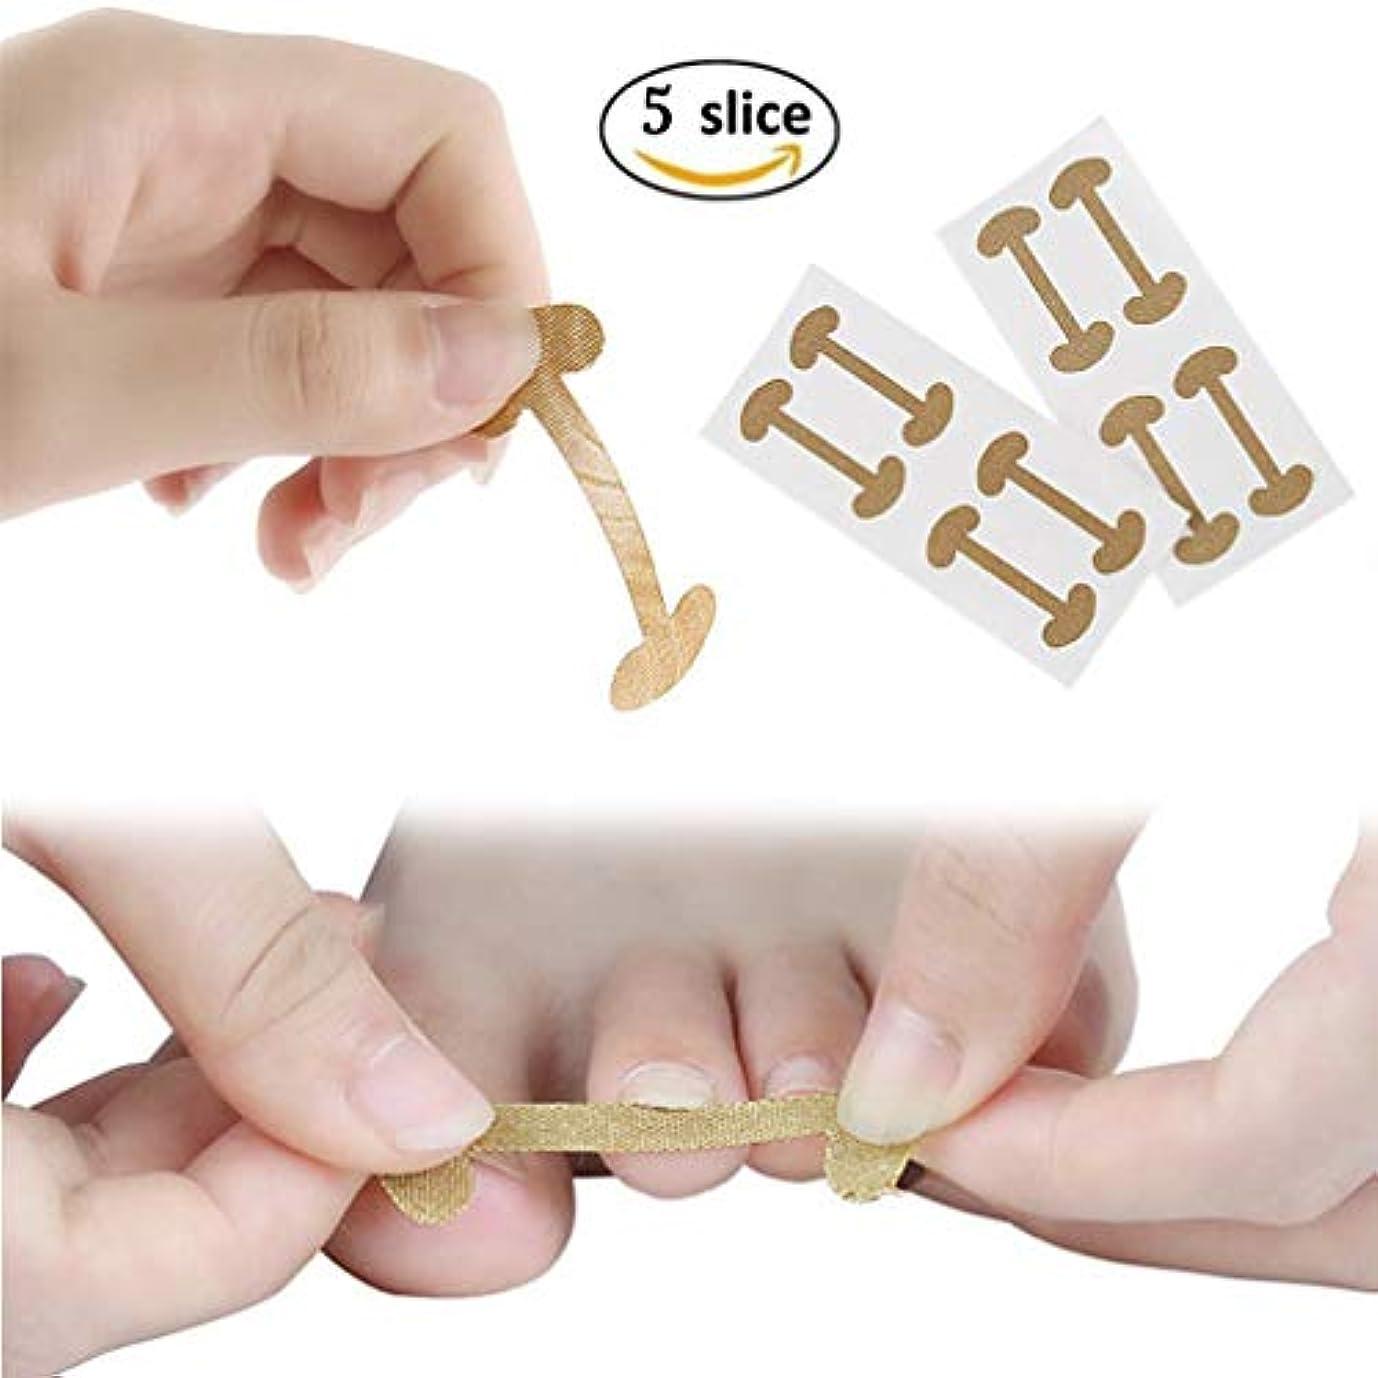 発明サラミ印をつける陥入爪の矯正パッチ、20 PCS物理的な矯正弾性綿接着剤パッチの足指の爪ペディキュアツール、湾曲した足の爪ブレース厚いパロニキア矯正治療を回復